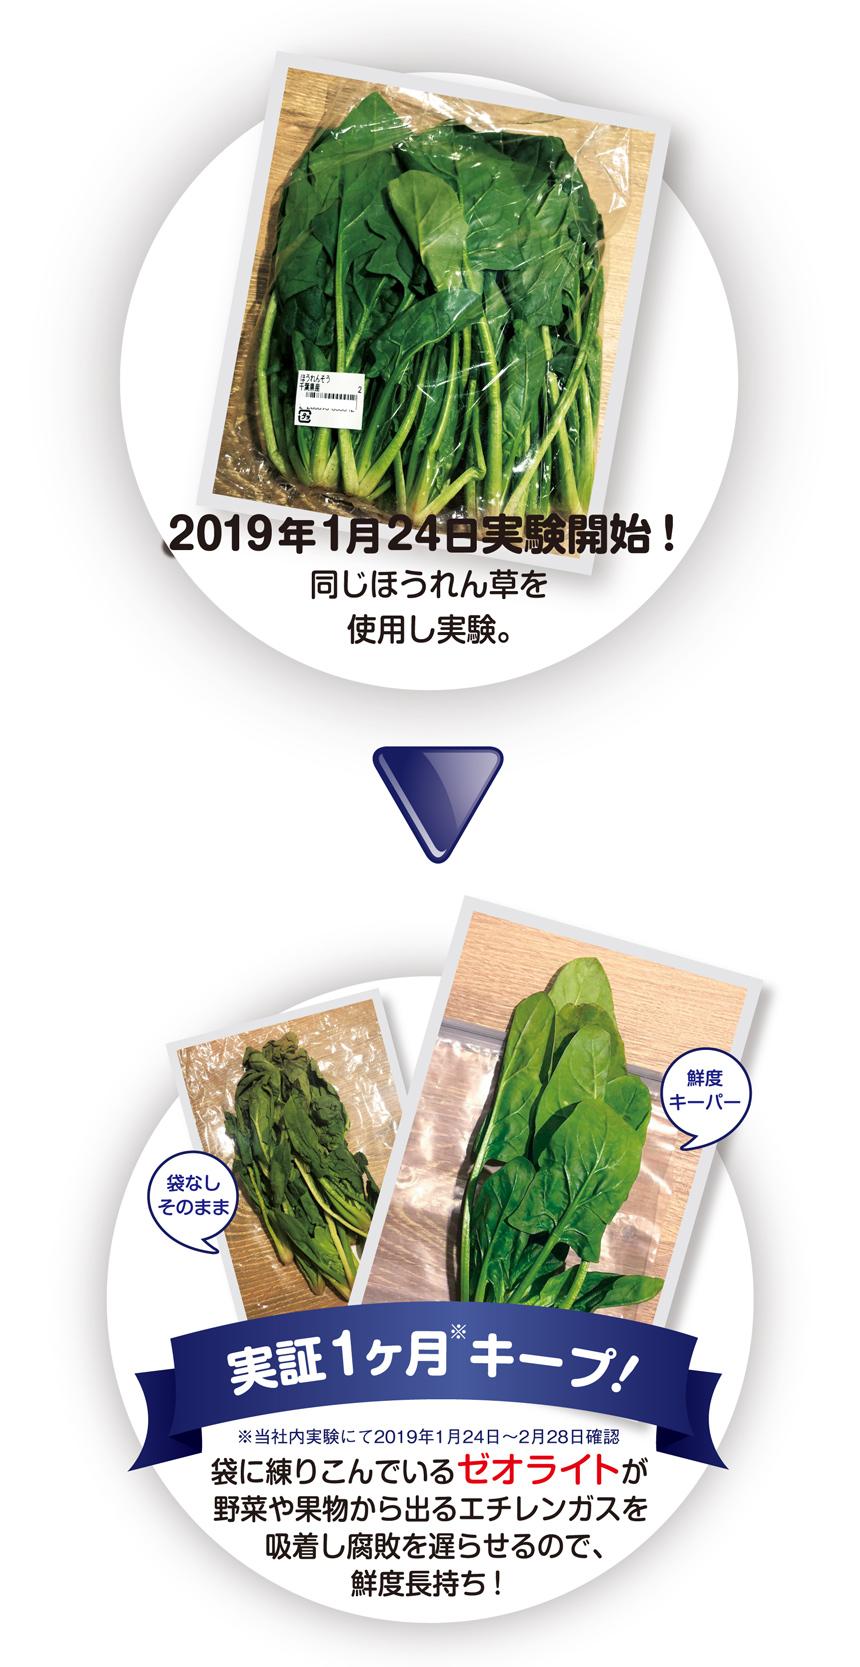 2019年1月24日実験開始!同じほうれん草を使用し実験。実証1ヶ月※キープ!※当社内実験にて2019年1月24日?2月28日確認  袋に練りこんでいる「ゼオライト」が野菜や果物から出るエチレンガスを吸着し腐敗を遅らせるので、鮮度長持ち!